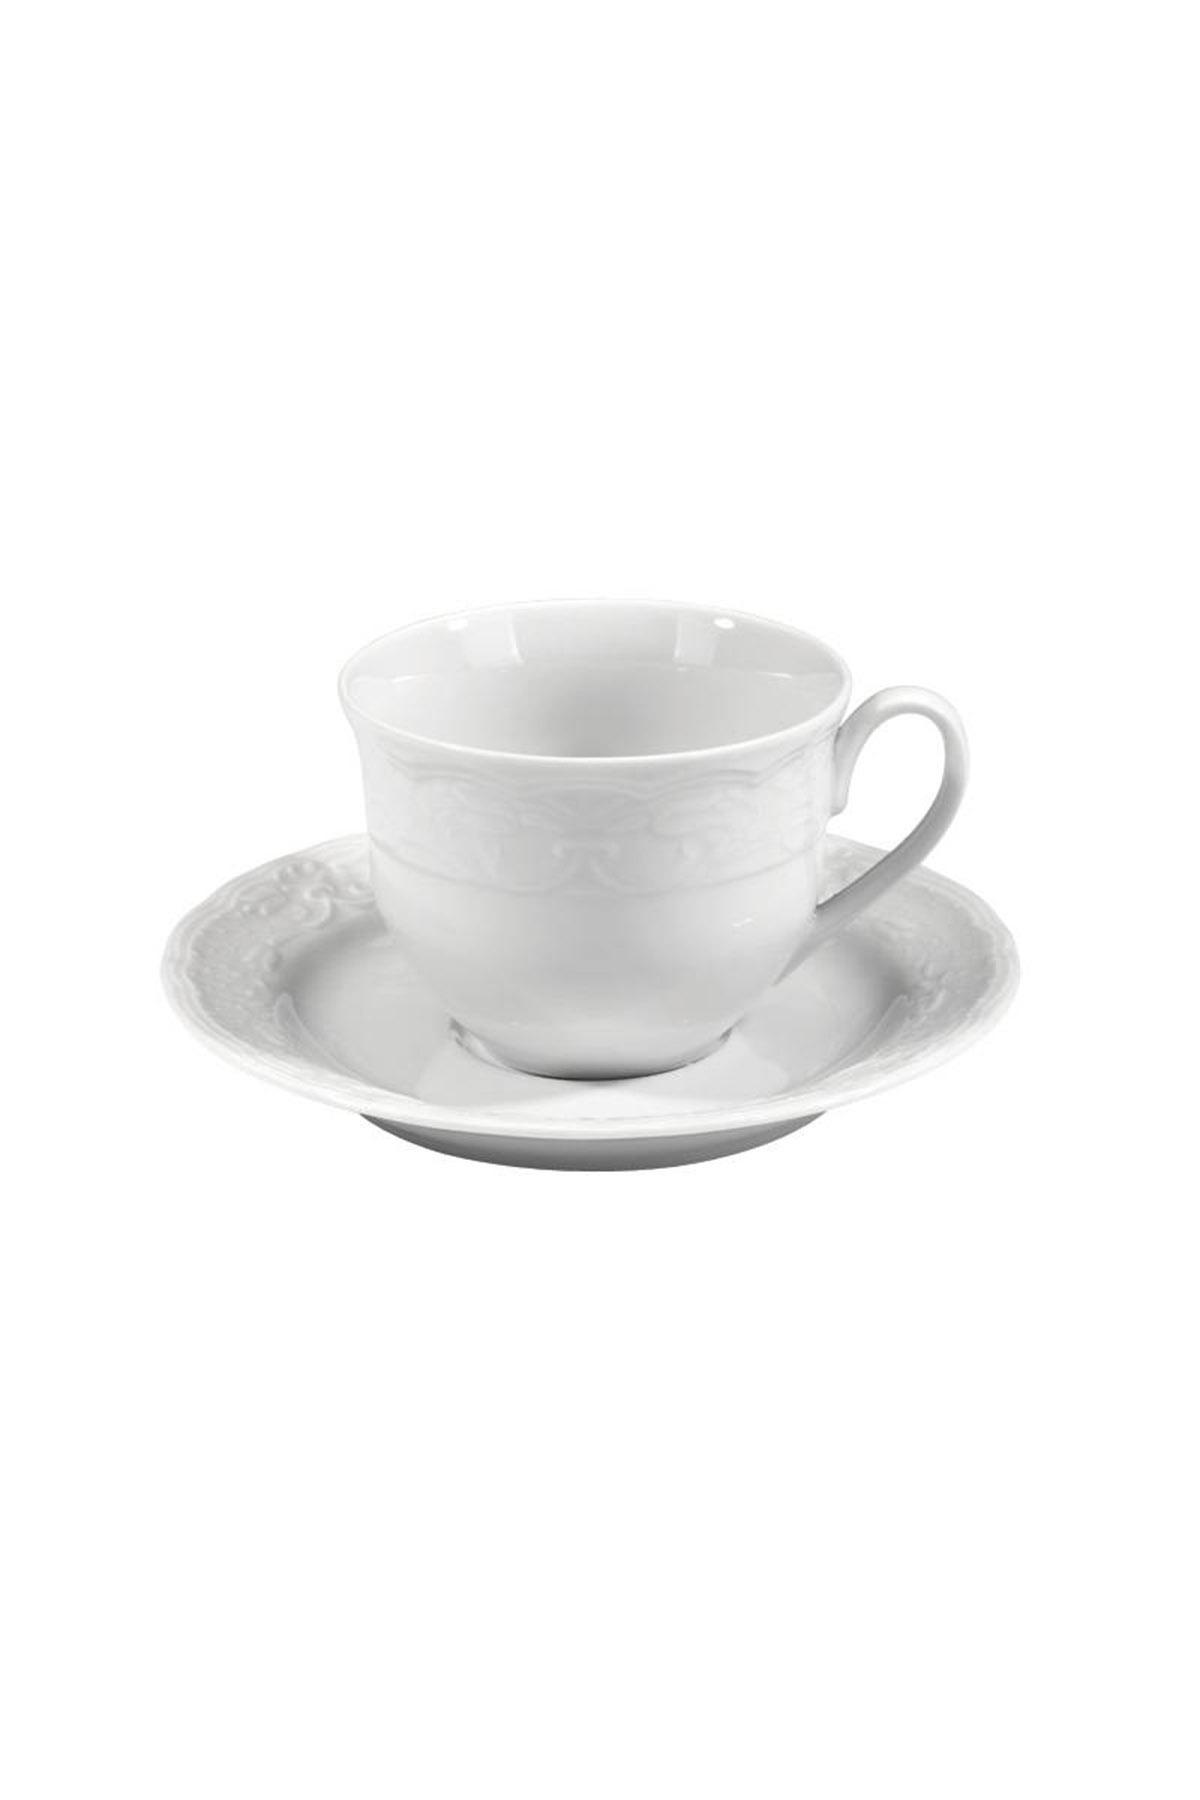 Kütahya Porselen - Kütahya Porselen Lalezar 12 Parça Çay Takımı